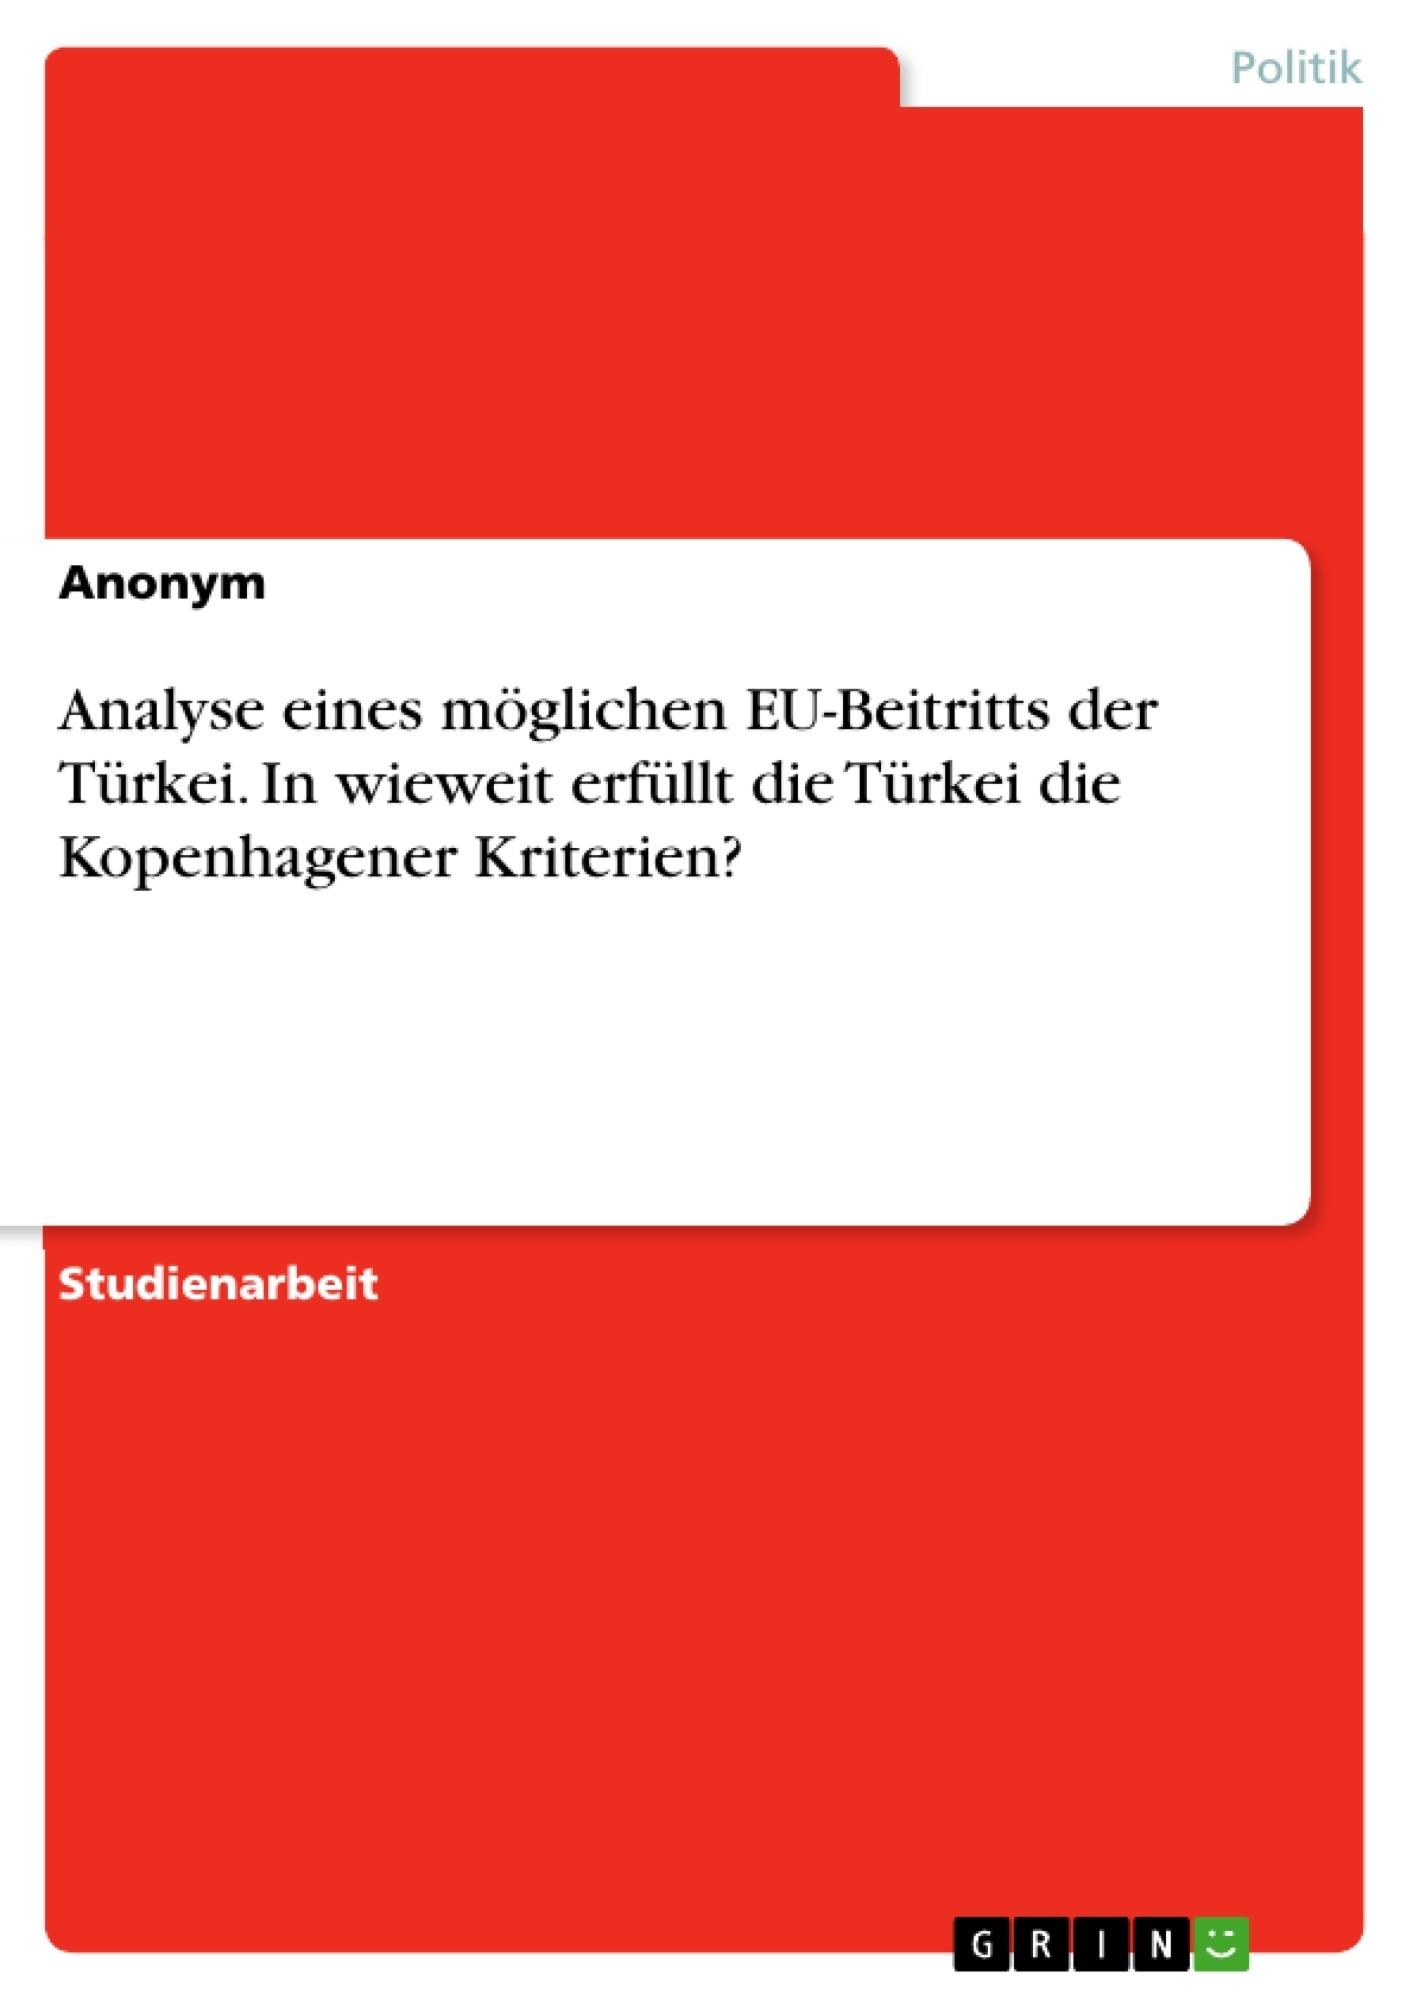 Titel: Analyse eines möglichen EU-Beitritts der Türkei. In wieweit erfüllt die Türkei die Kopenhagener Kriterien?